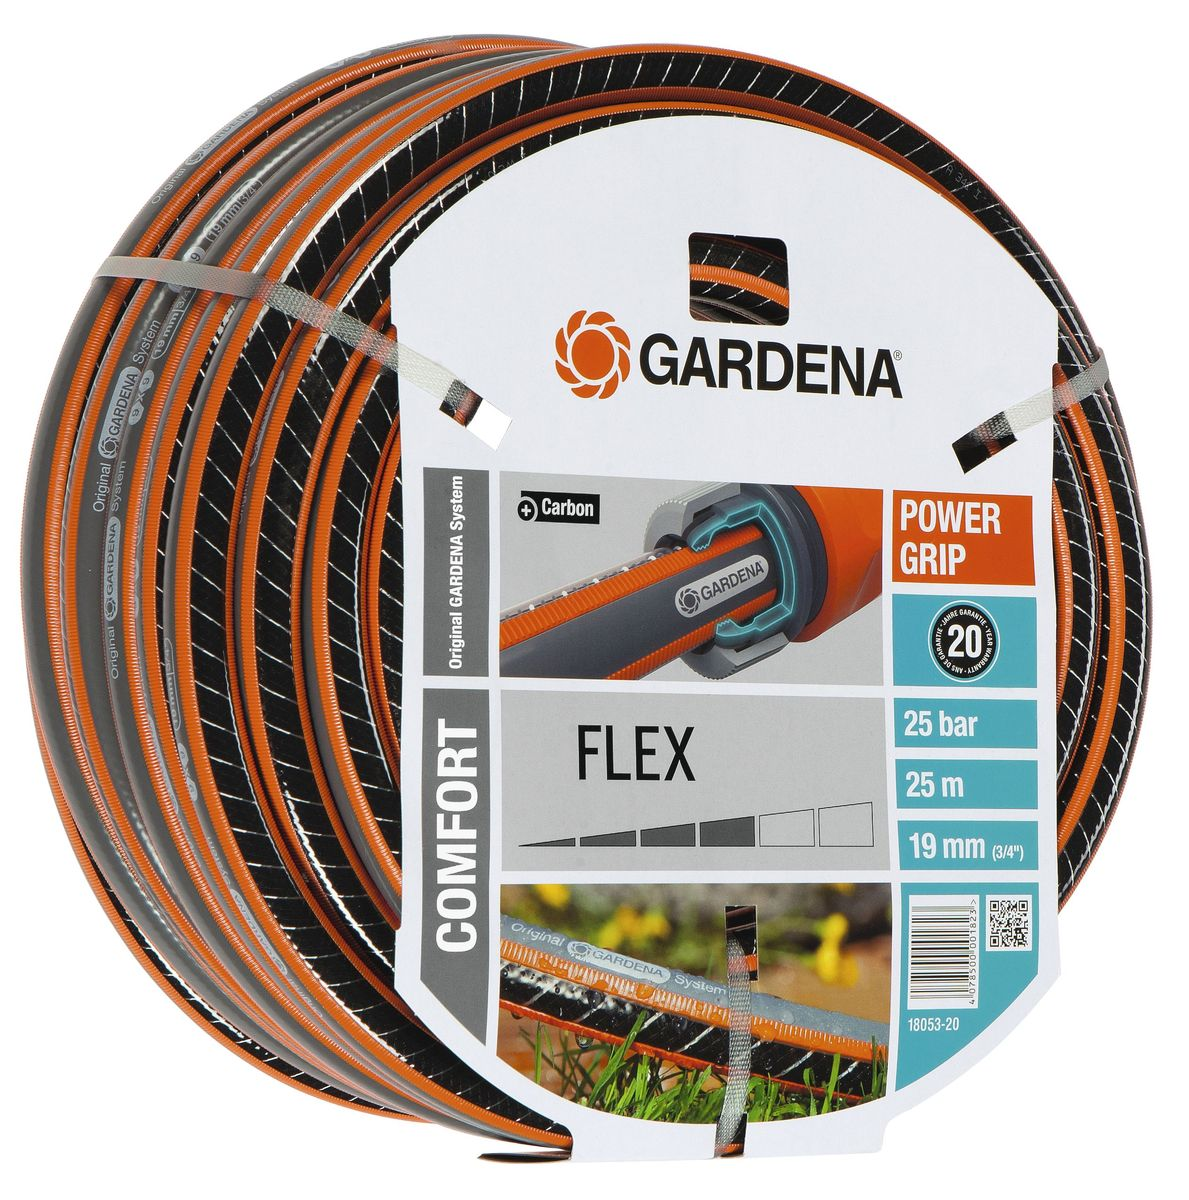 Шланг Gardena Flex, диаметр 3/4, длина 25 м18053-20.000.00Шланг Gardena Flex с ребристым профилем Power Grip для идеального соединения с коннекторами базовой системы полива. Устойчив к высокому давлению и сохраняет формы благодаря спиралевидному текстильному армированию, усиленному углеродом.Не перегибается, не спутывается.